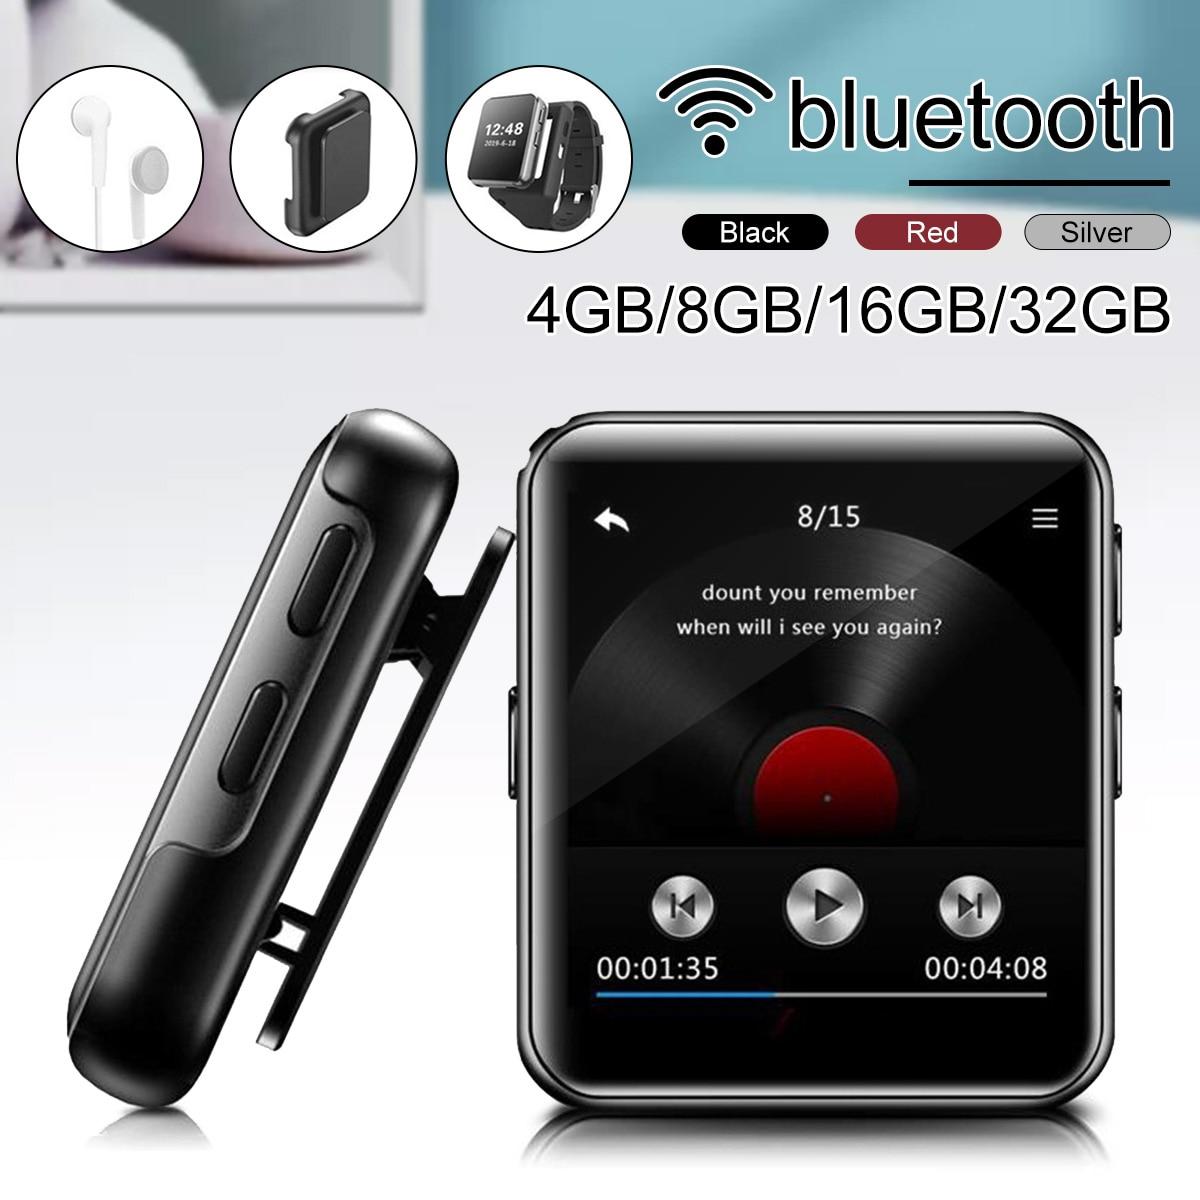 Mp3-плеер, bluetooth, сенсорный экран, 8G/16G/32G, MP3-плеер с зажимом для бега, поддерживает FM видео секундомер для детей и взрослых